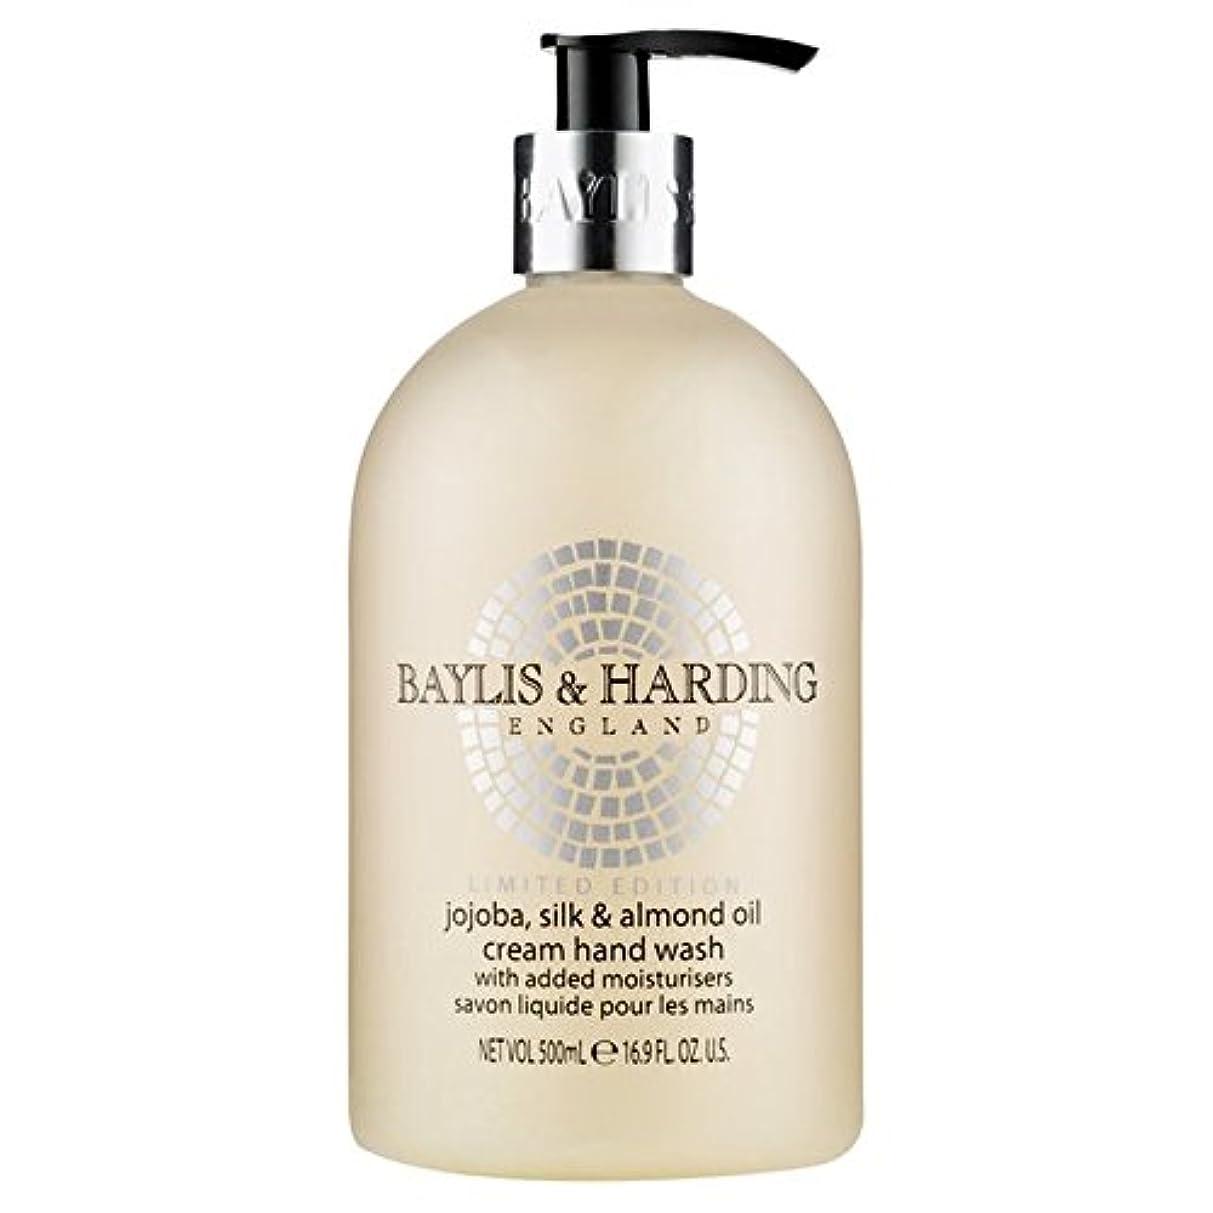 時々時々ショッキング手術Baylis & Harding Jojoba, Silk & Almond Oil Hand Wash 500ml (Pack of 6) - ベイリス&ハーディングホホバ、シルク&アーモンドオイルハンドウォッシュ500...